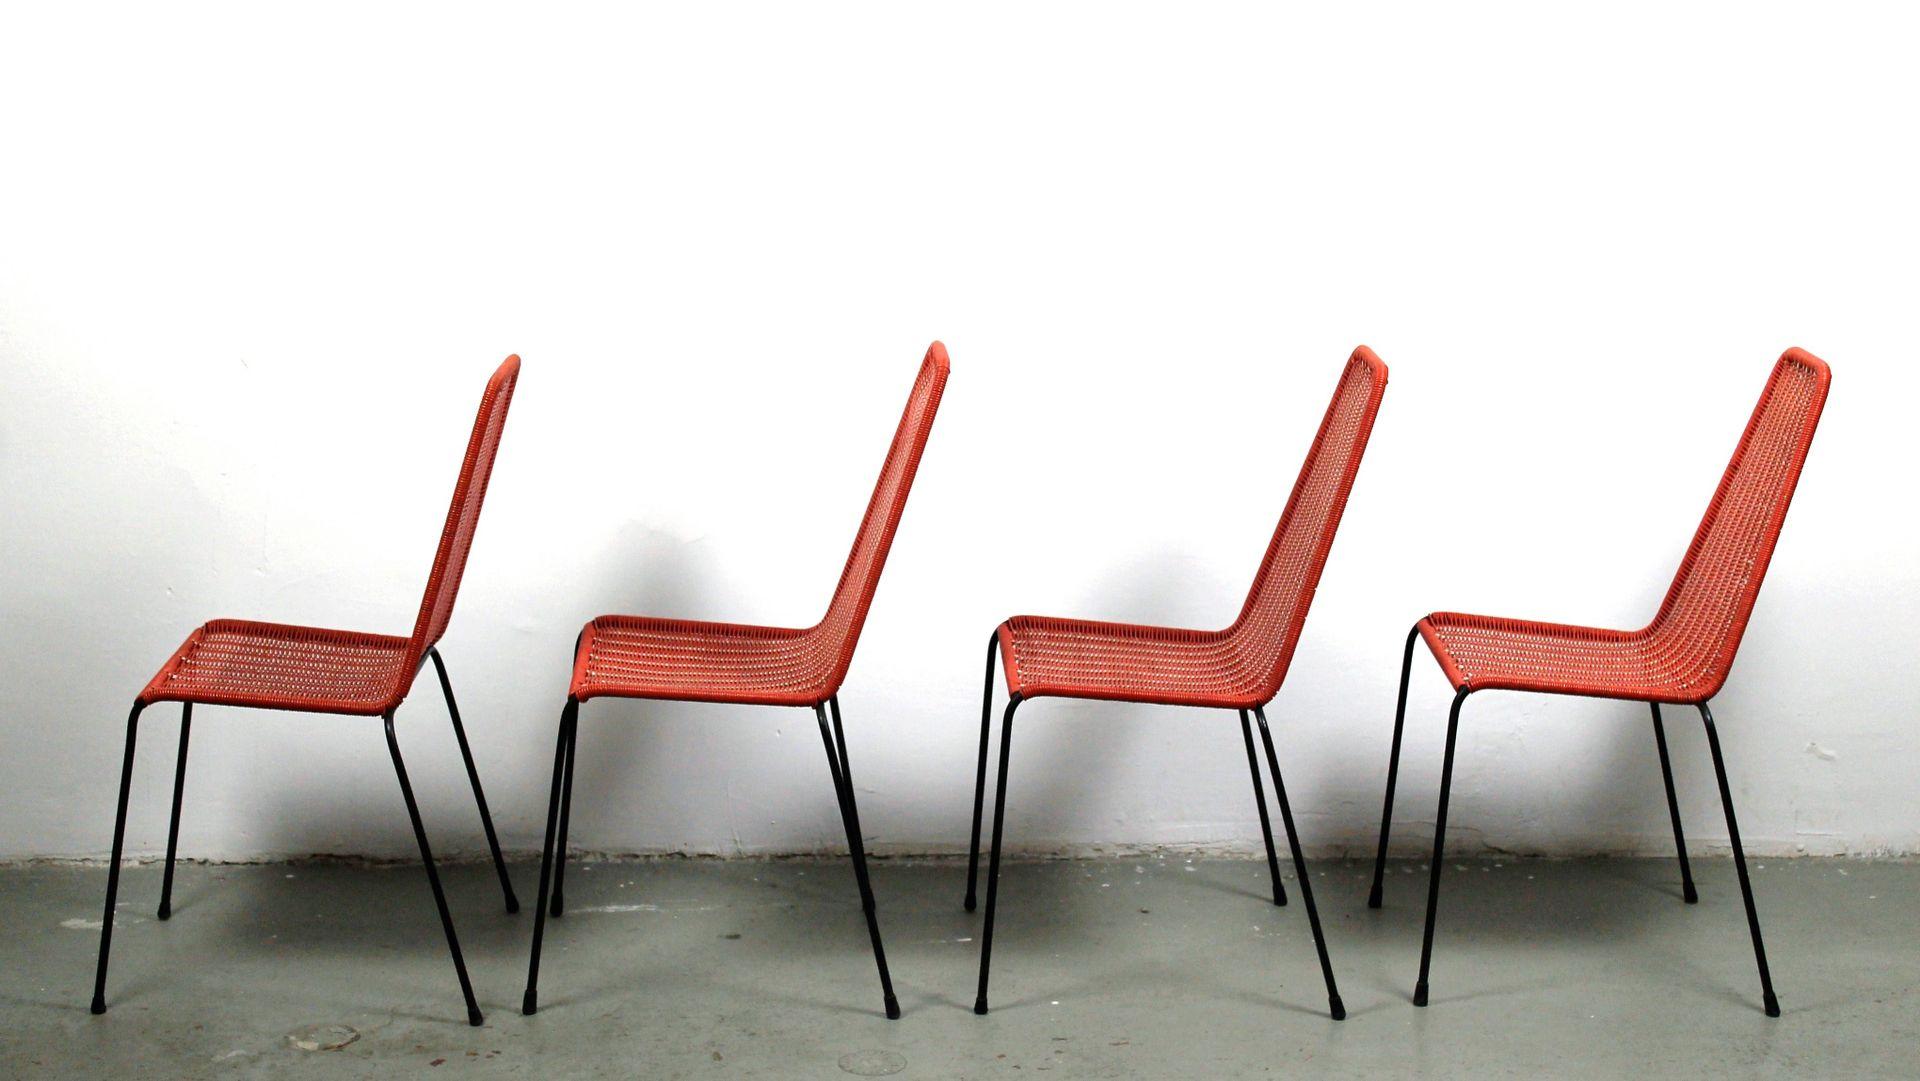 gewebte italienische mid century st hle f r den garten 4er set bei pamono kaufen. Black Bedroom Furniture Sets. Home Design Ideas